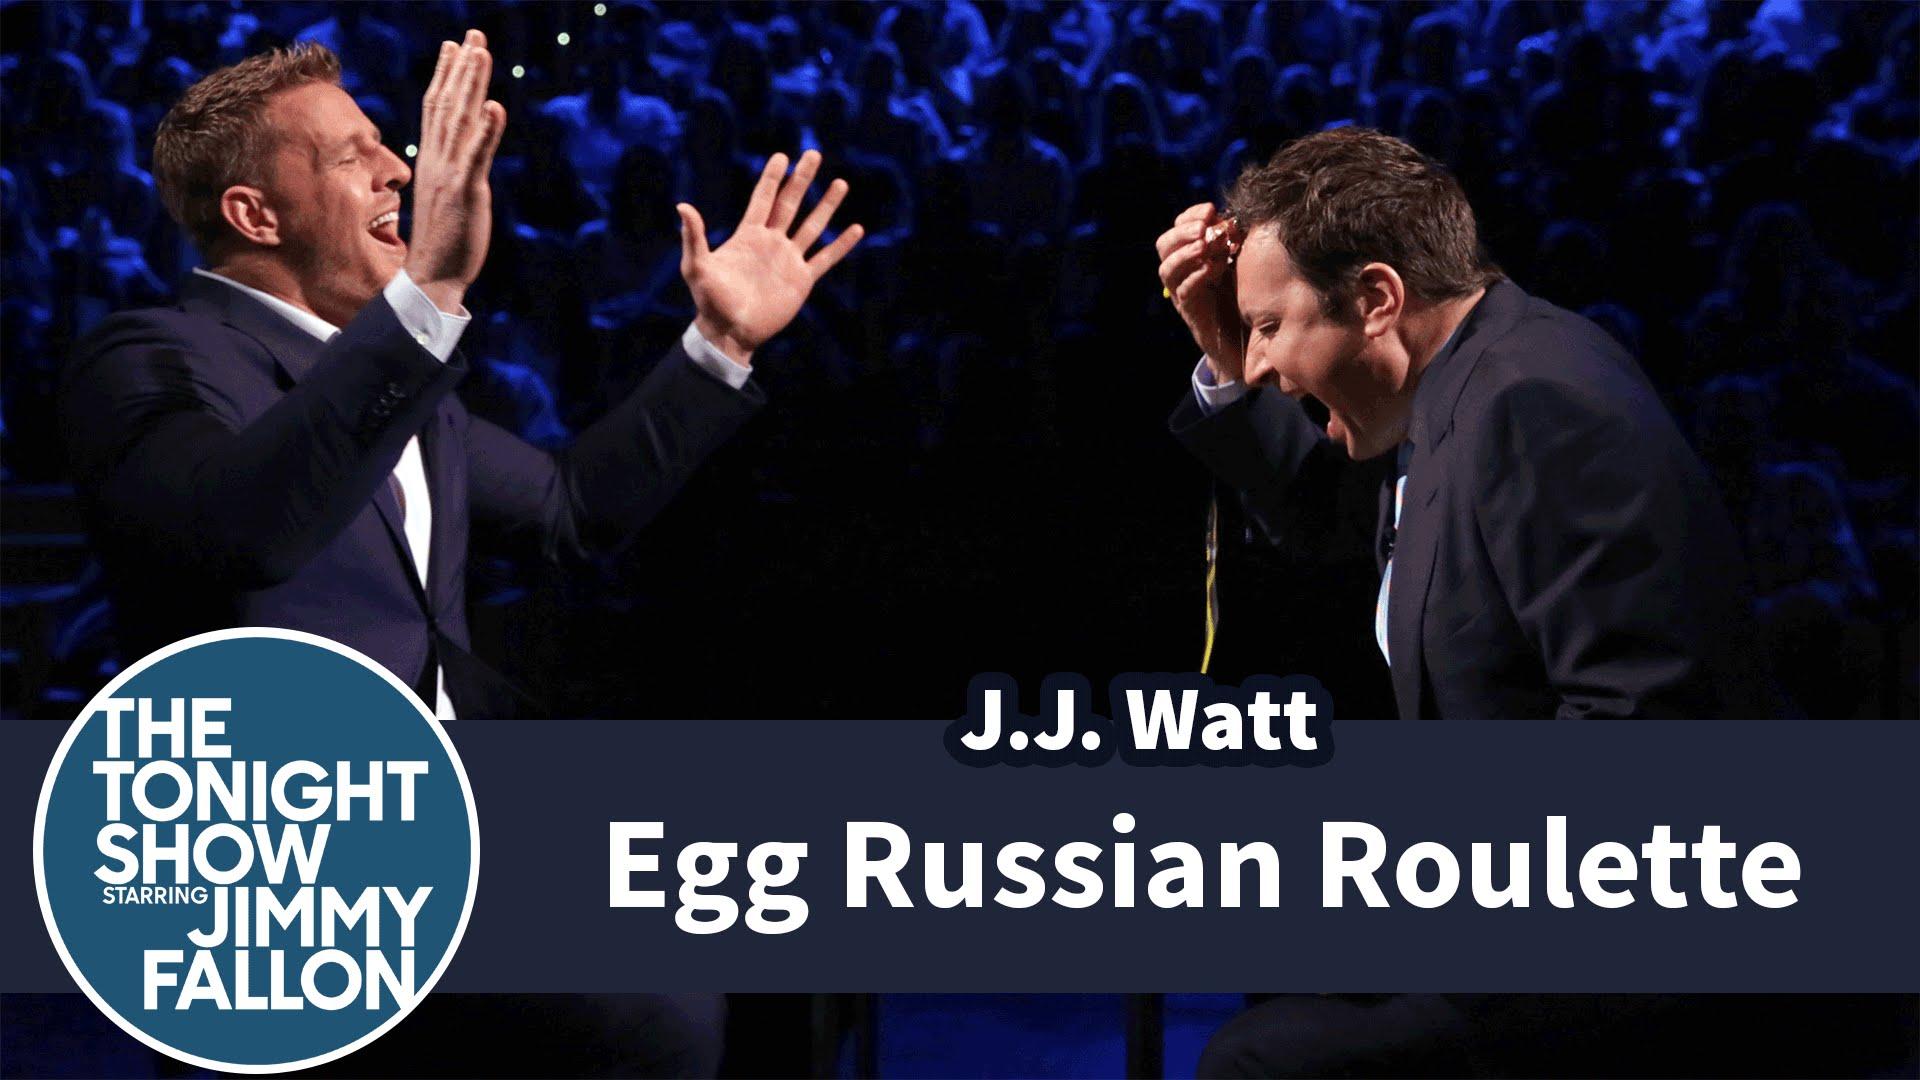 JJ Watt plays egg Russian roulette with Jimmy Fallon